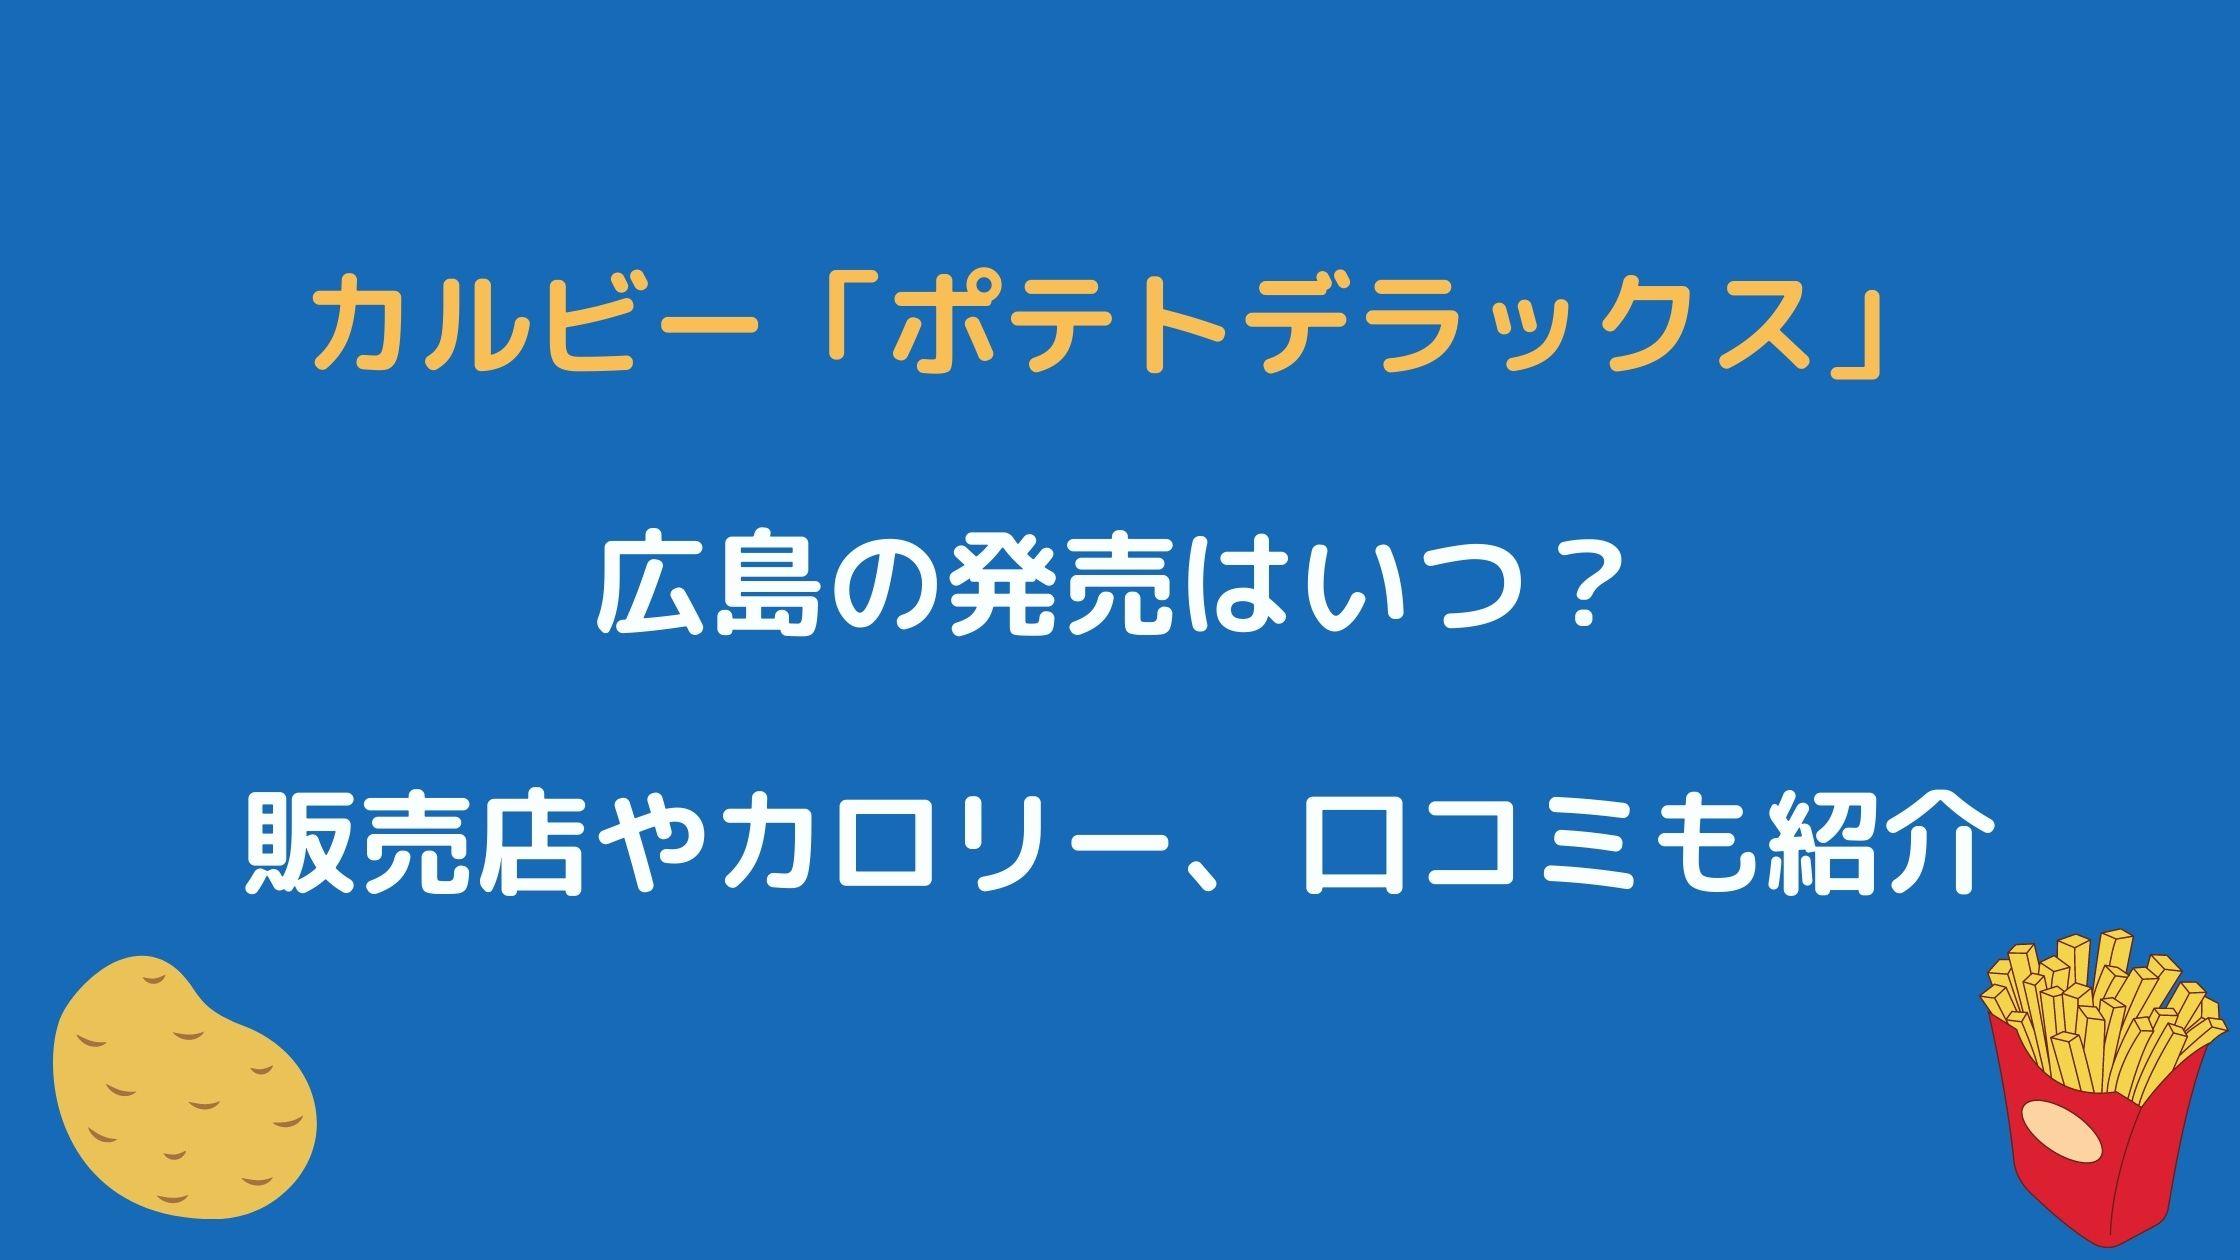 カルビーポテトデラックス広島の発売はいつ?販売店やカロリー、口コミも紹介